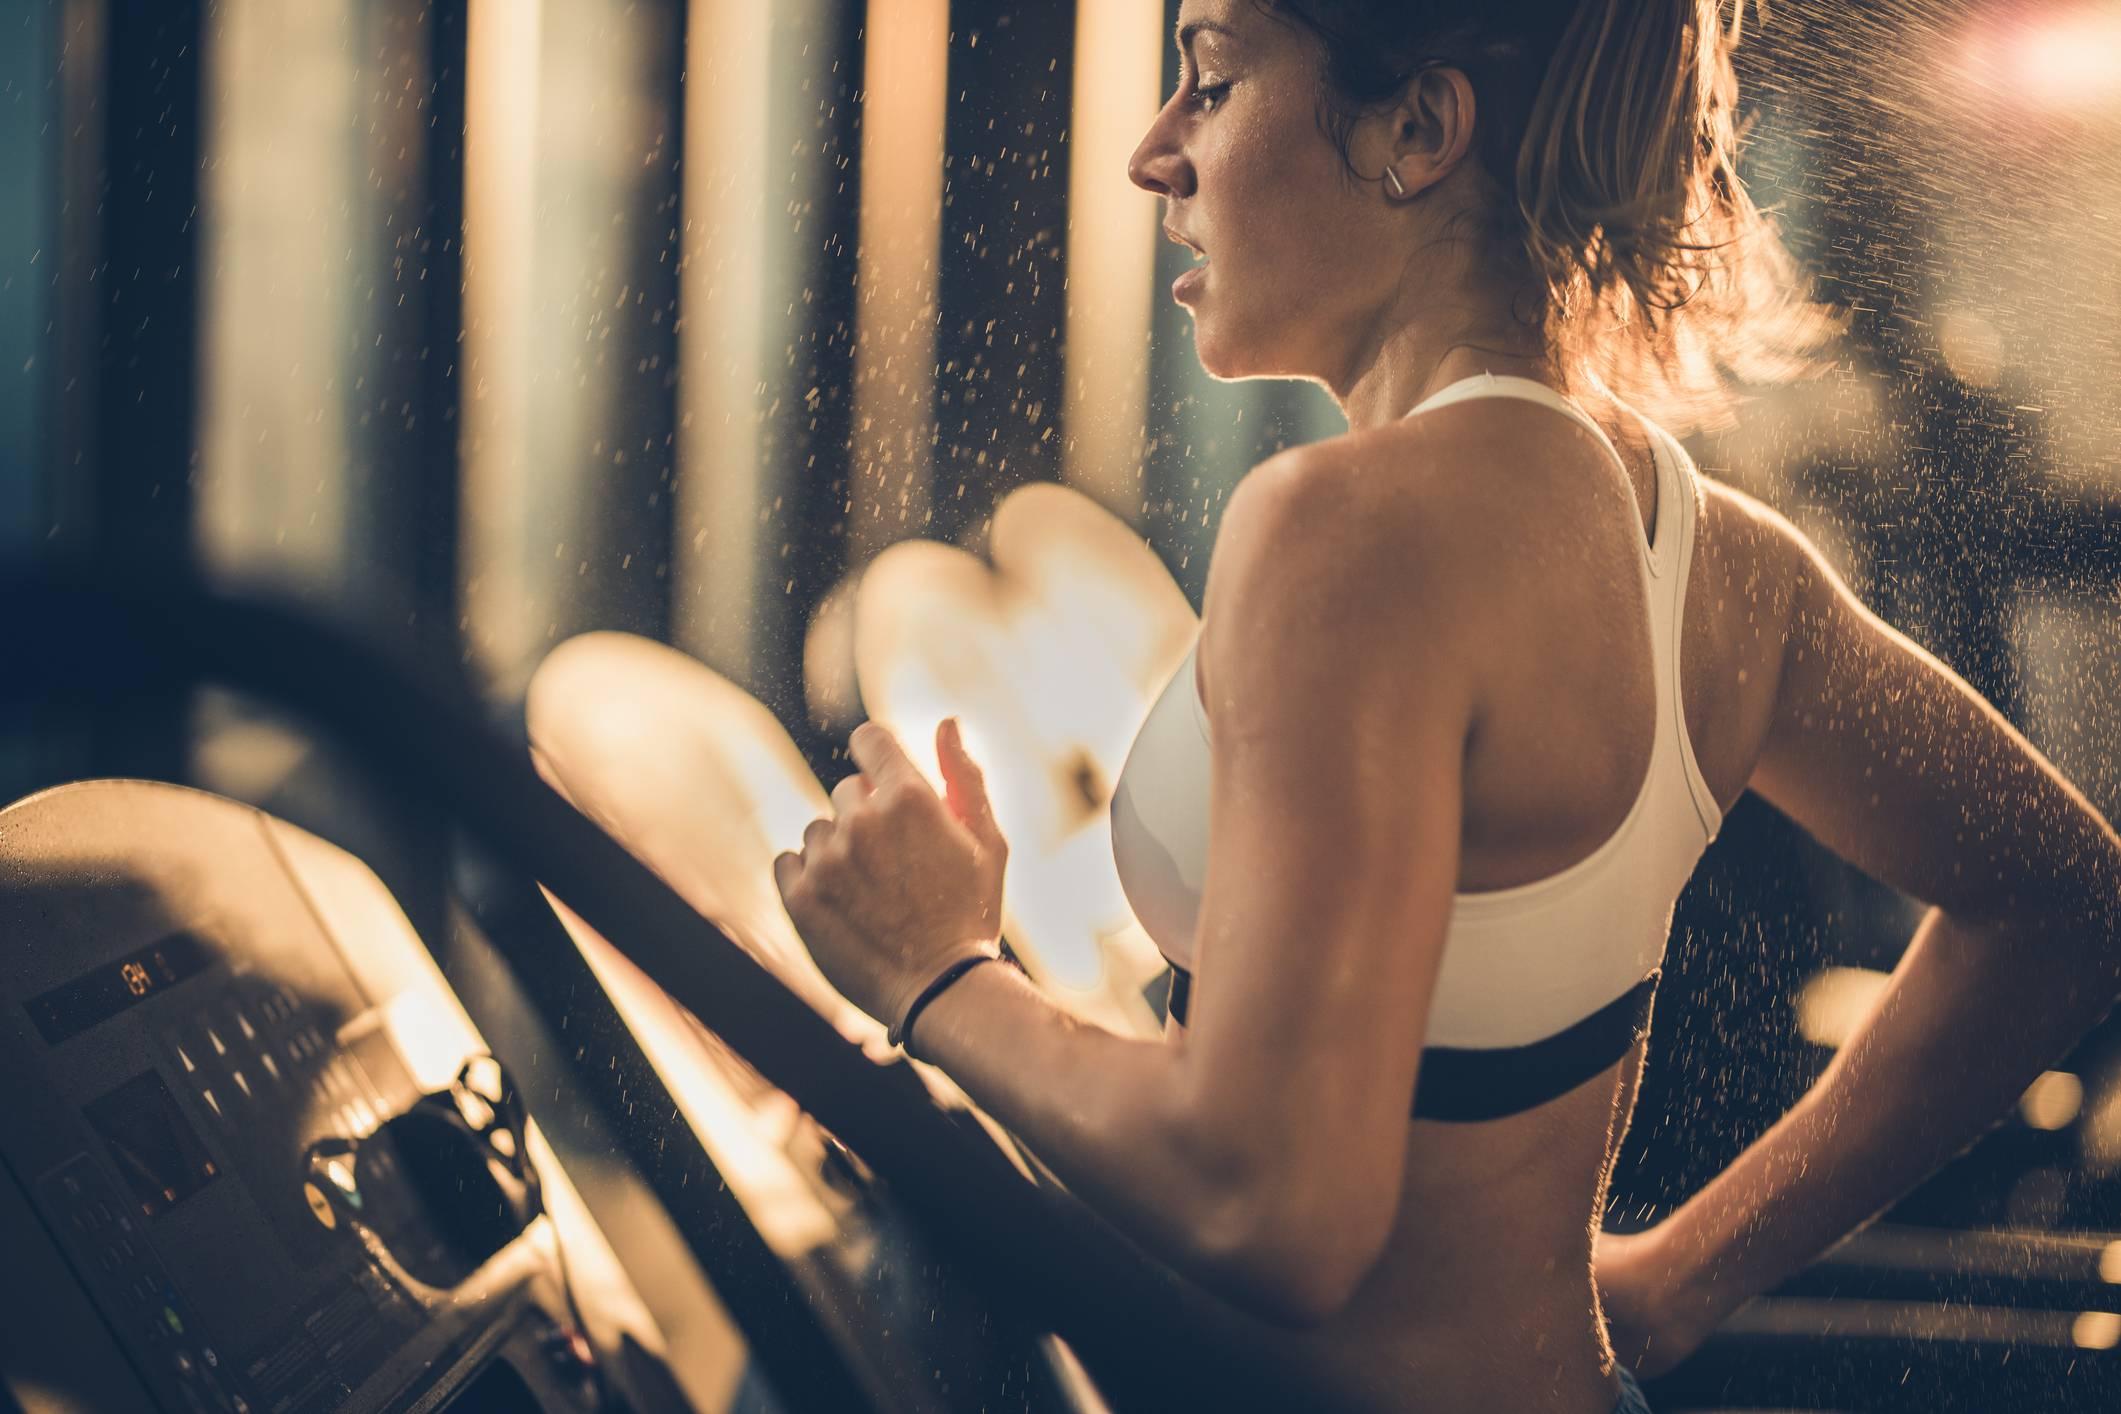 Dieta e sport binomio vincente: ecco tutte le istruzioni